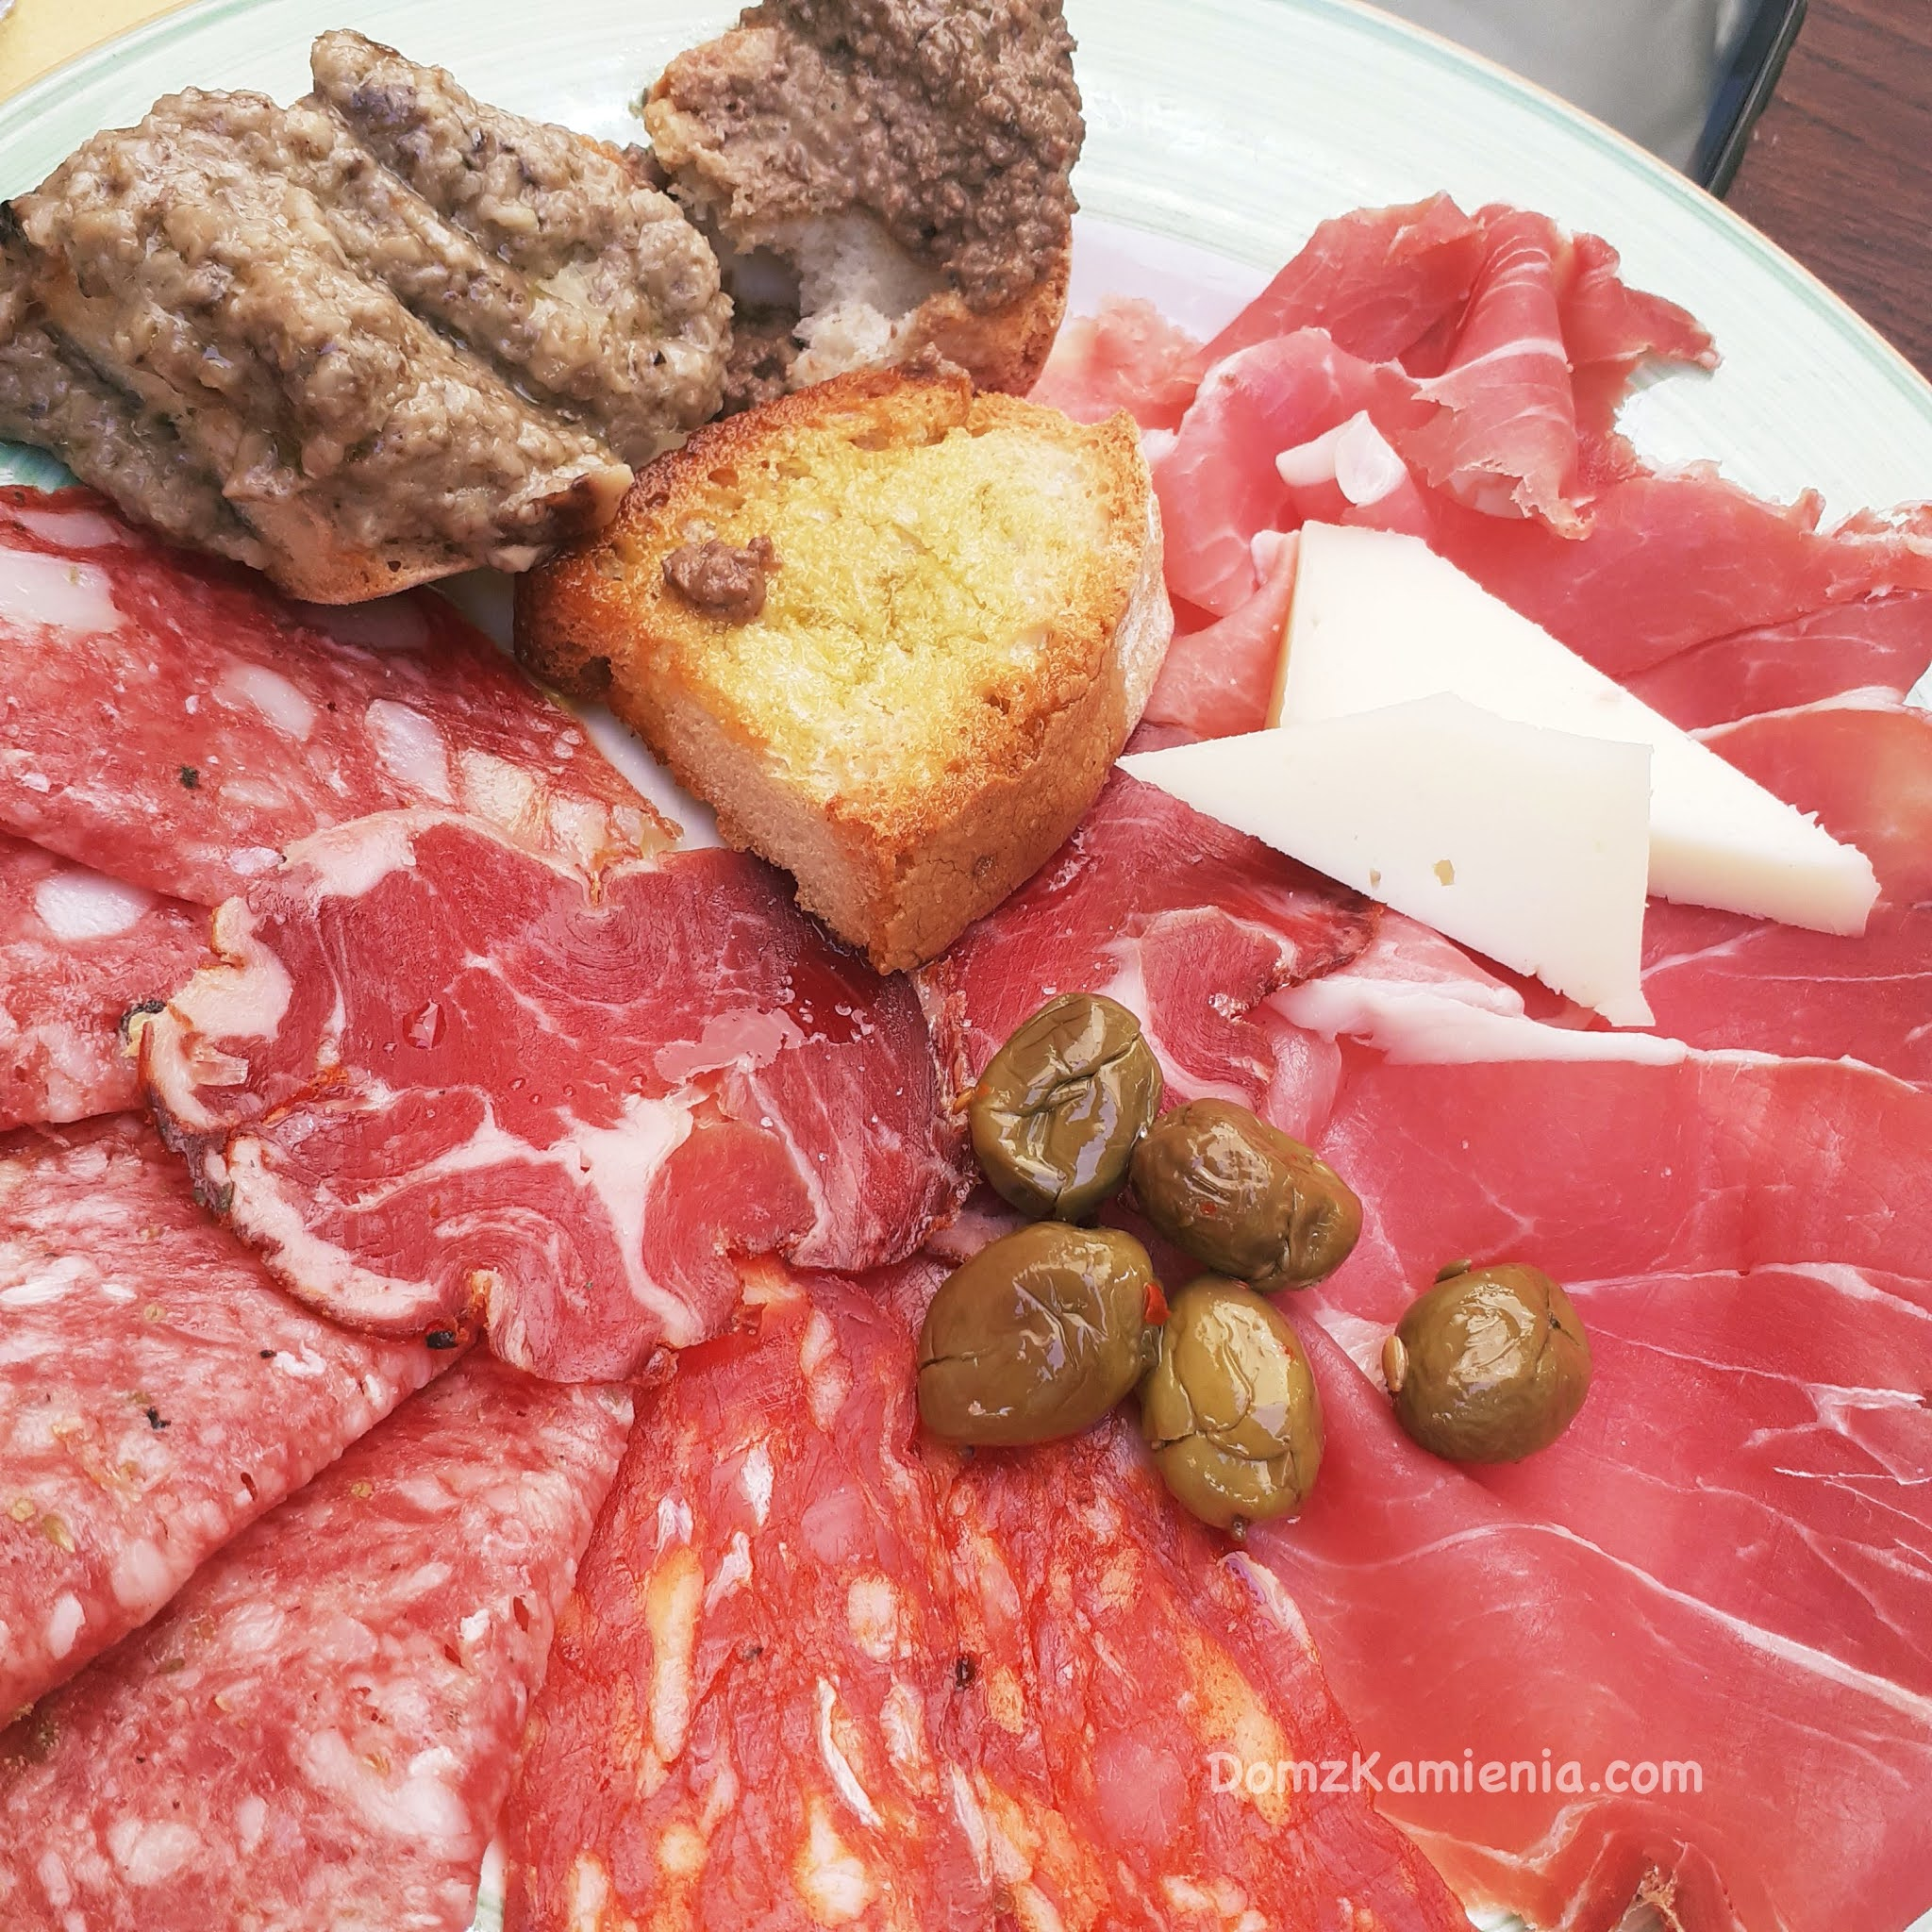 Kuchnia Florencji Dom z Kamienia blog